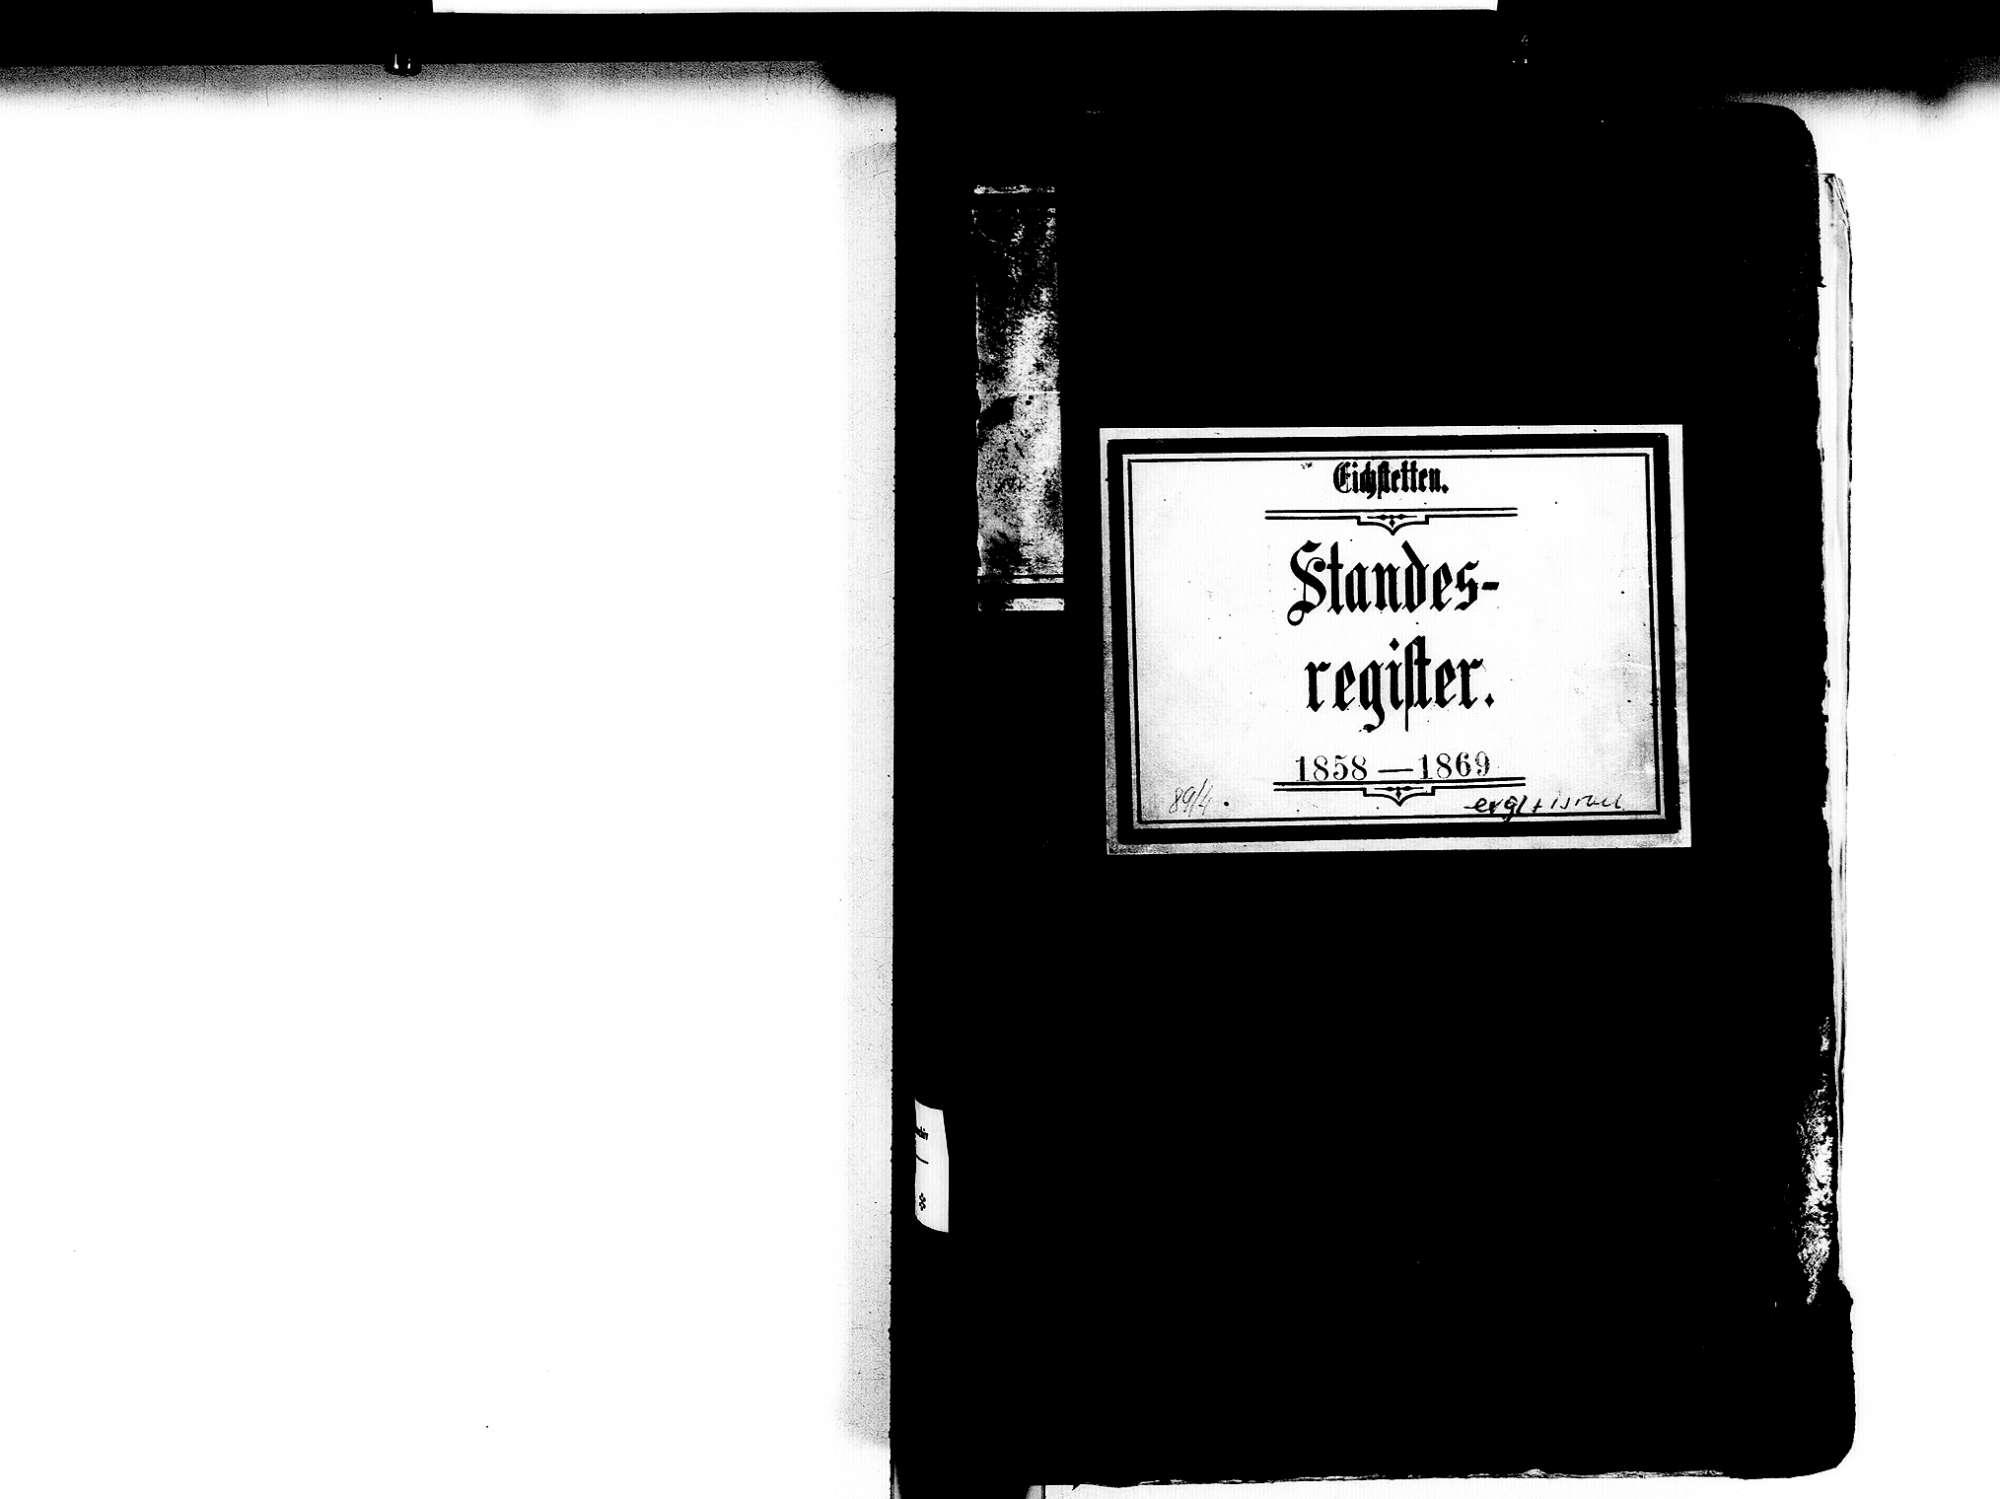 Eichstetten FR; Evangelische Gemeinde: Standesbuch 1858-1869 Eichstetten FR; Israelitische Gemeinde: Standesbuch 1858-1869, Bild 2